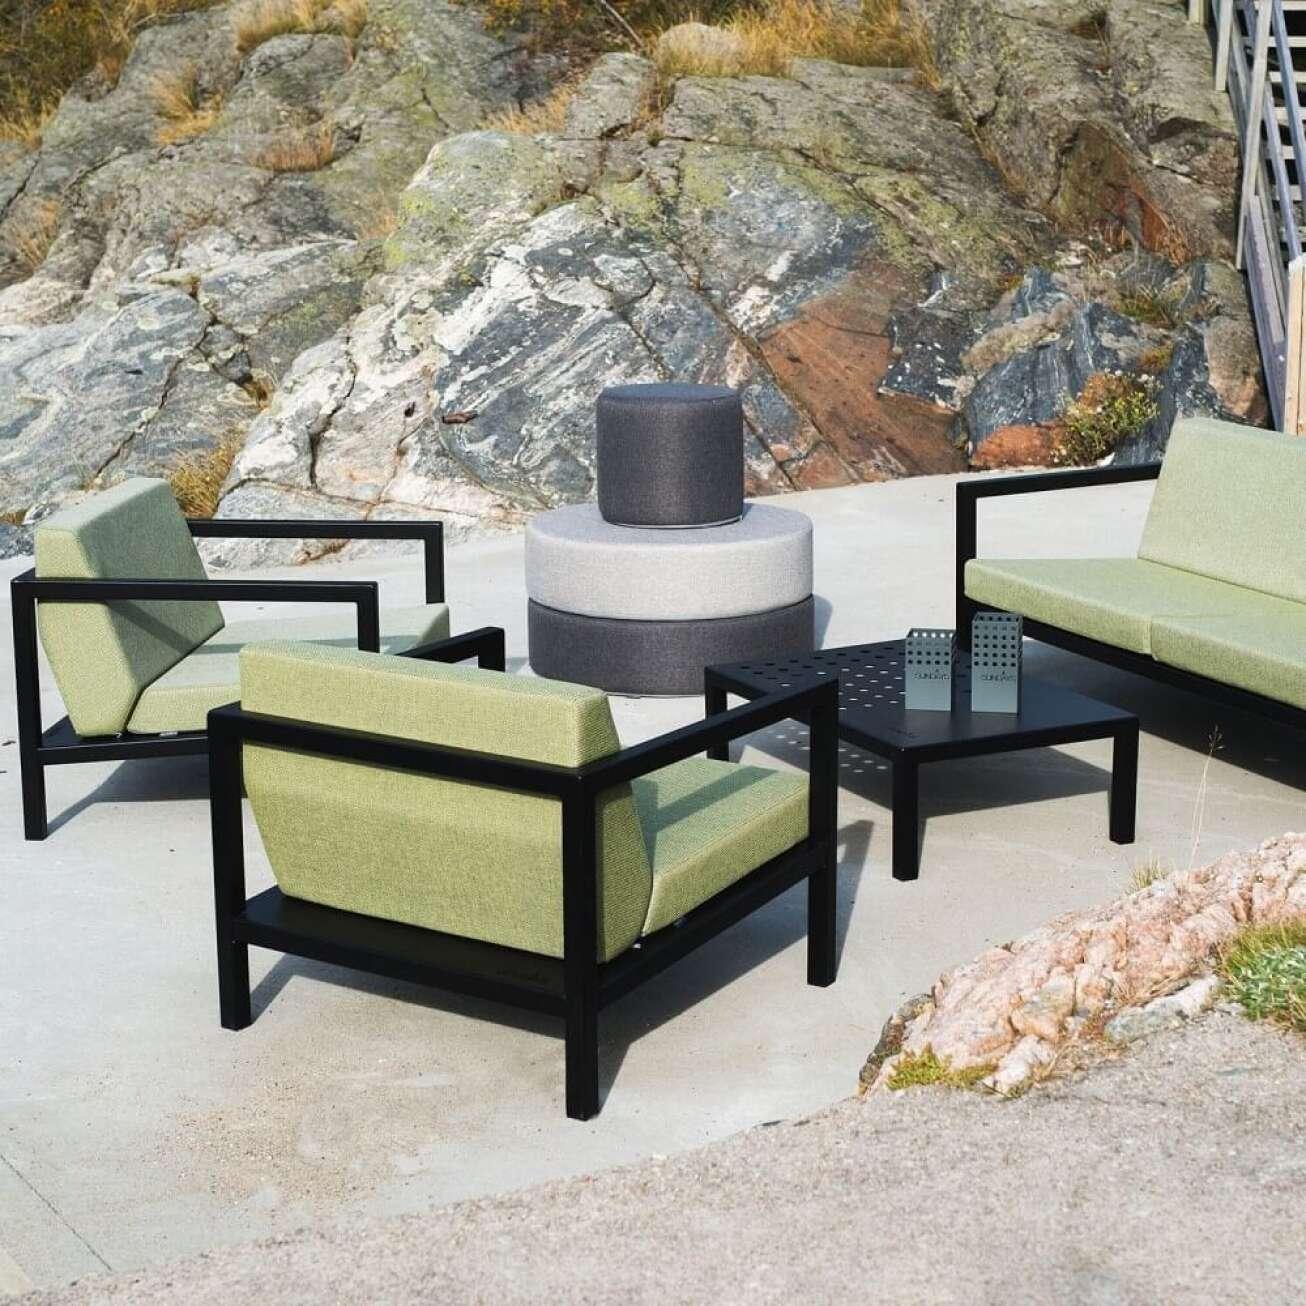 Sofagruppe satt sammen av toseter, to stoler, bord og 3 puffer